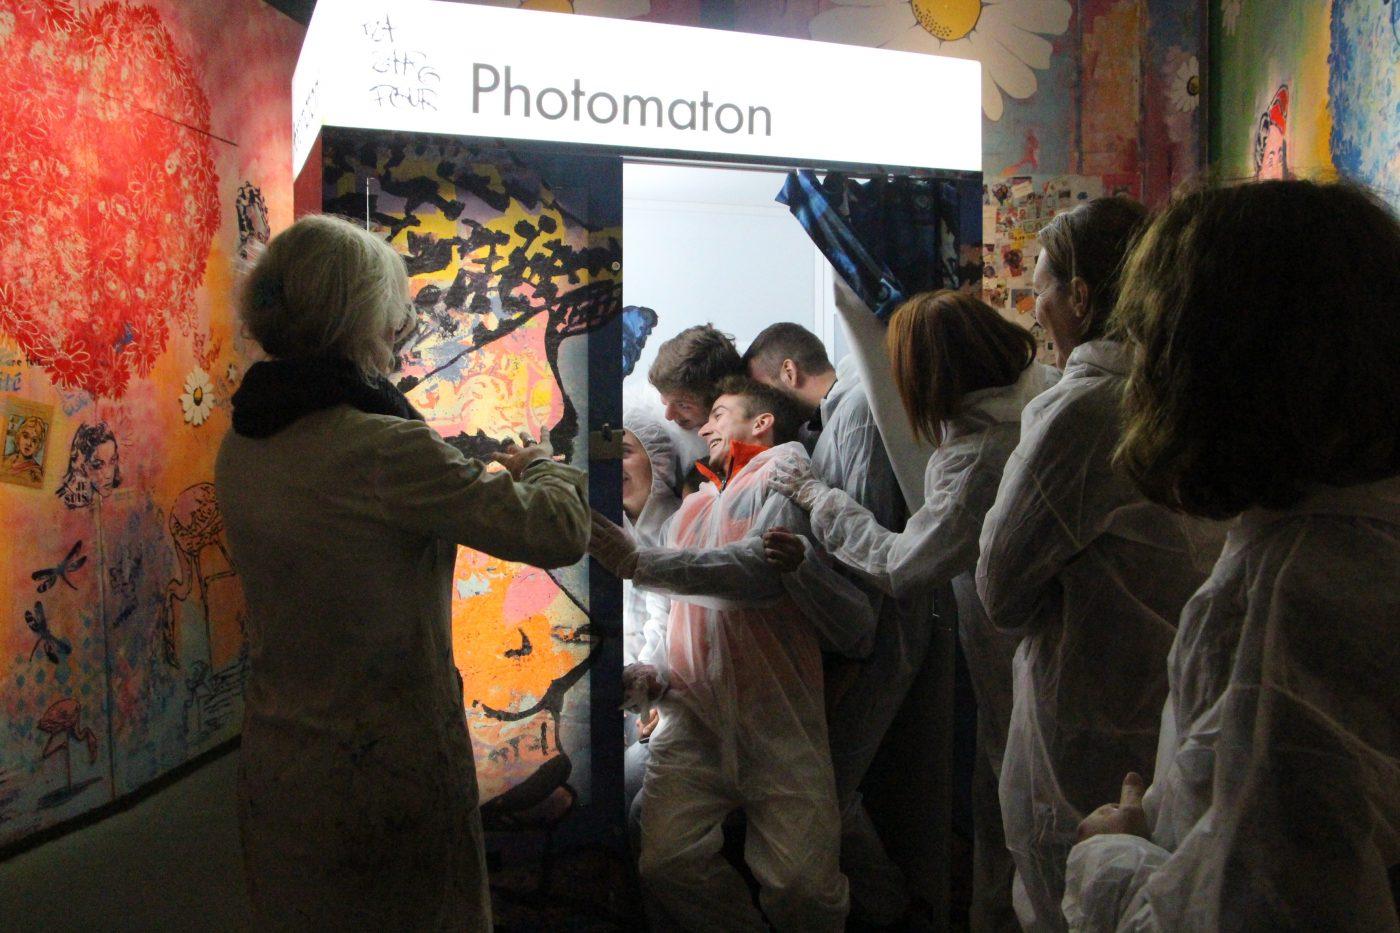 Moments de rires et cohésion d'équipe avec le shooting improvisé dans le Photomaton Arty